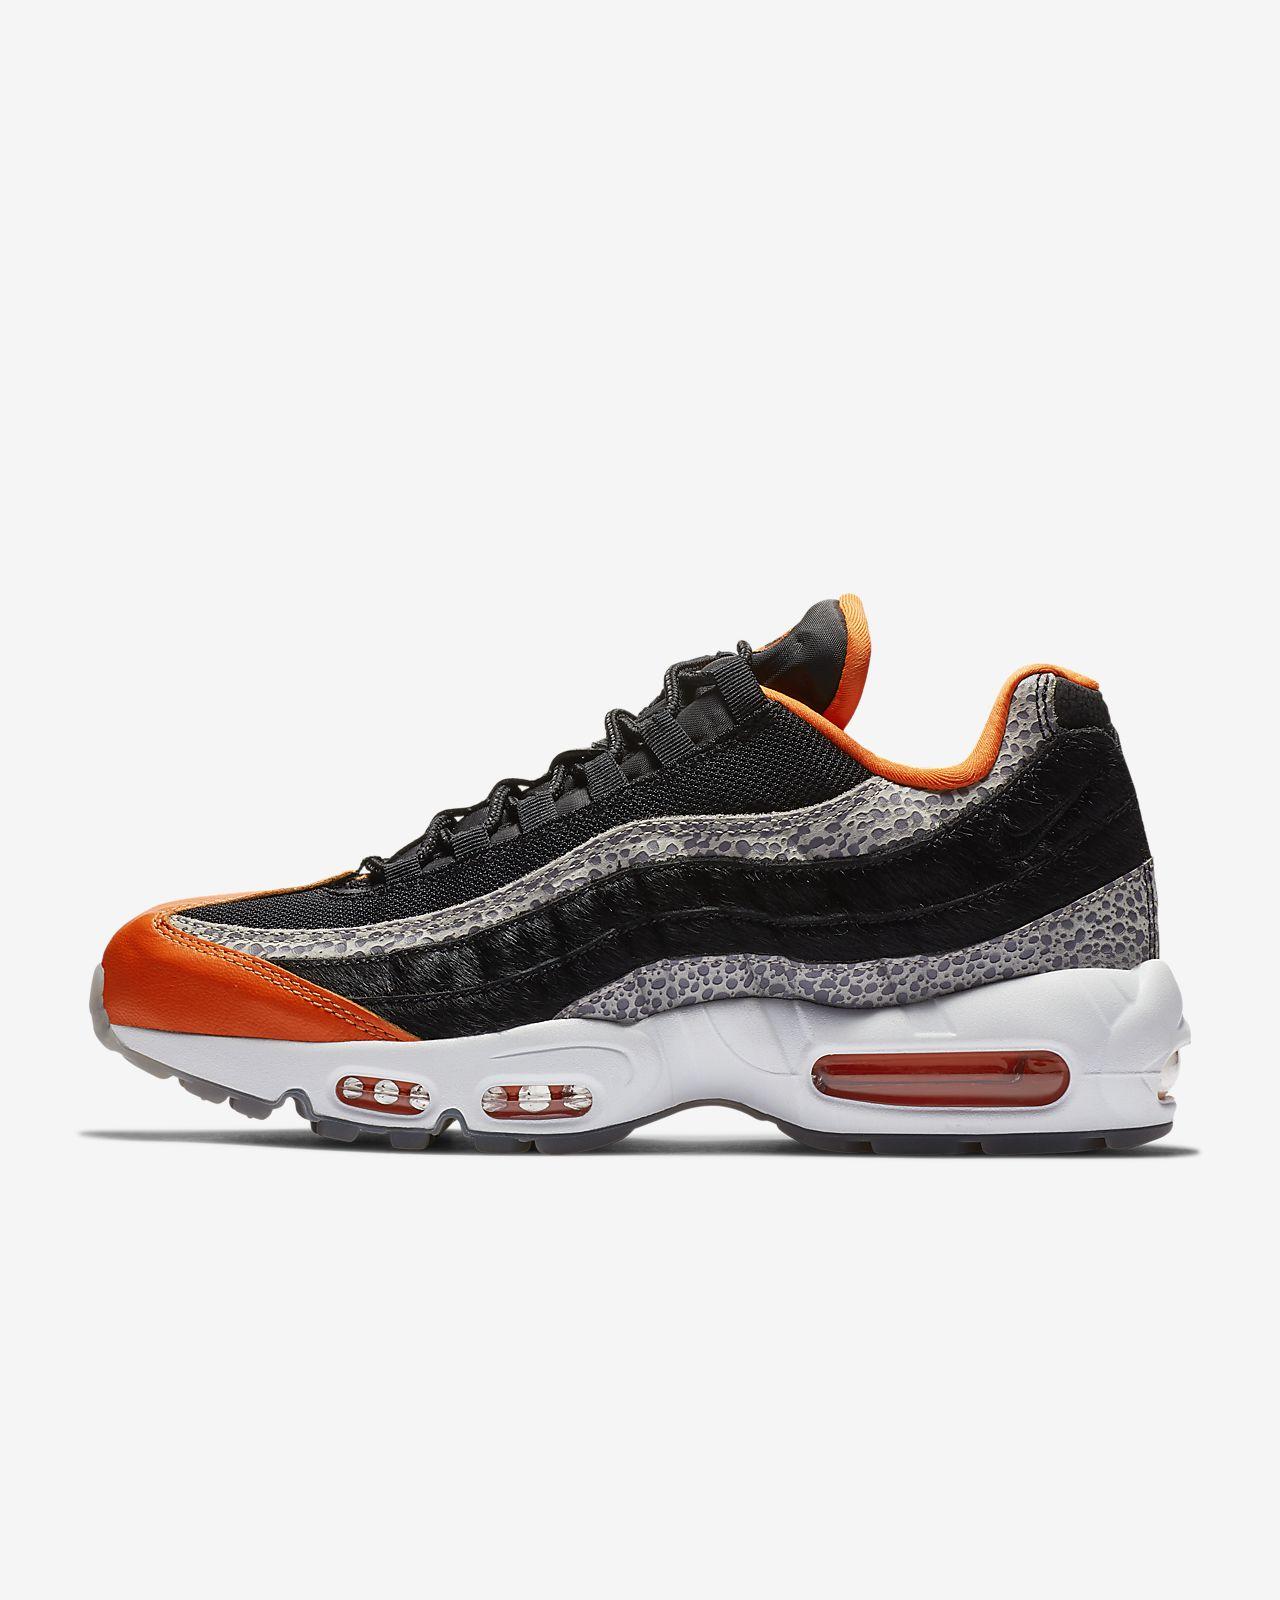 meet b46a1 cdcca ... Nike Air Max 95-sko til mænd